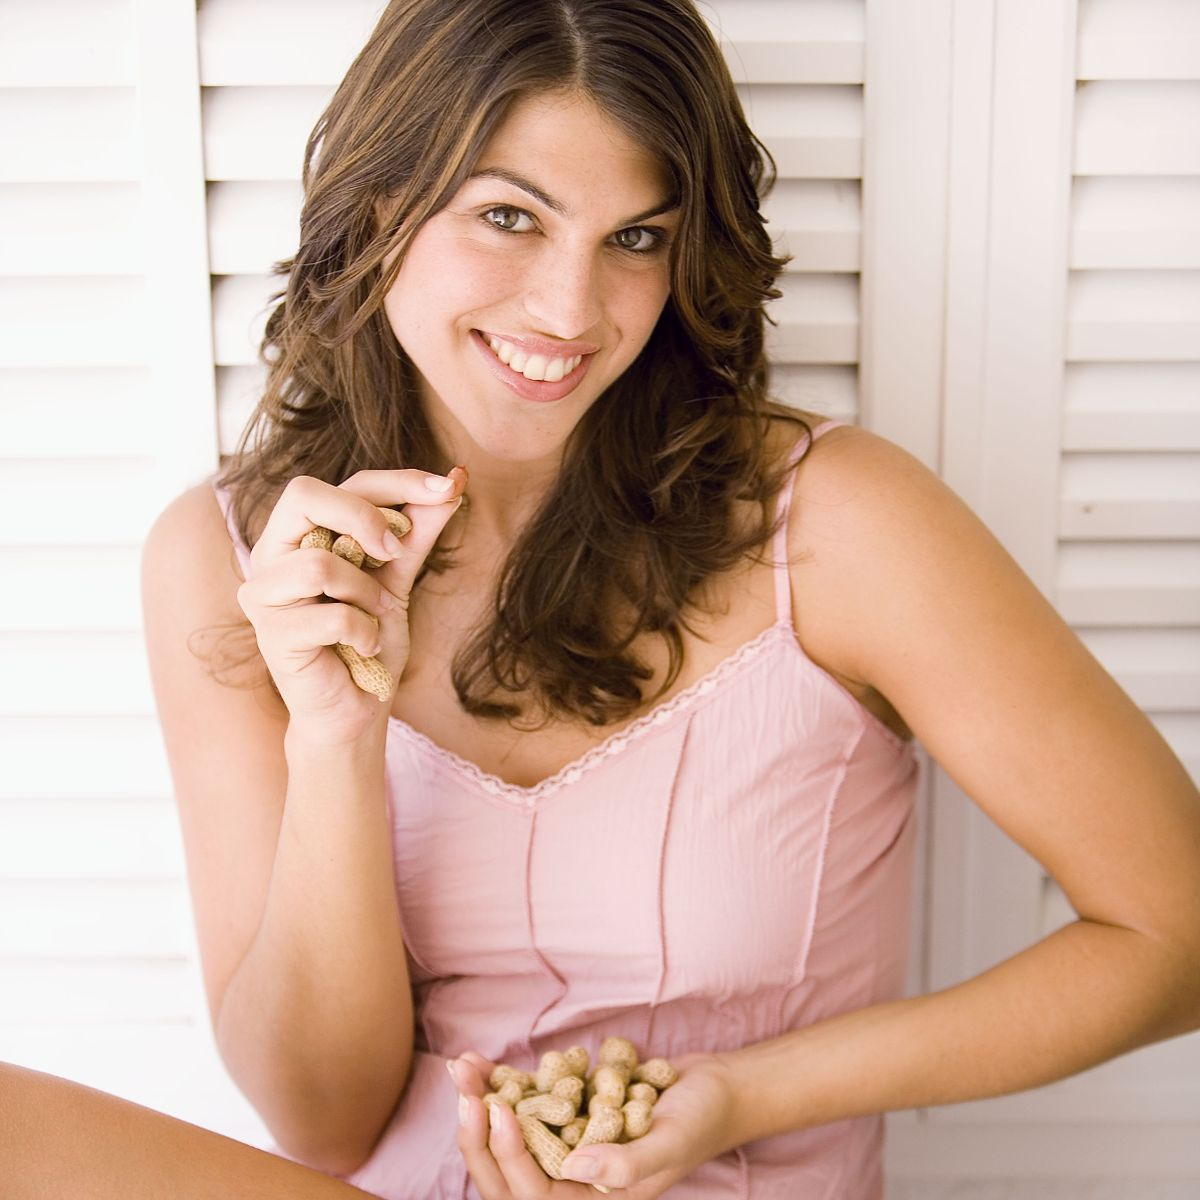 Woman eating peanuts